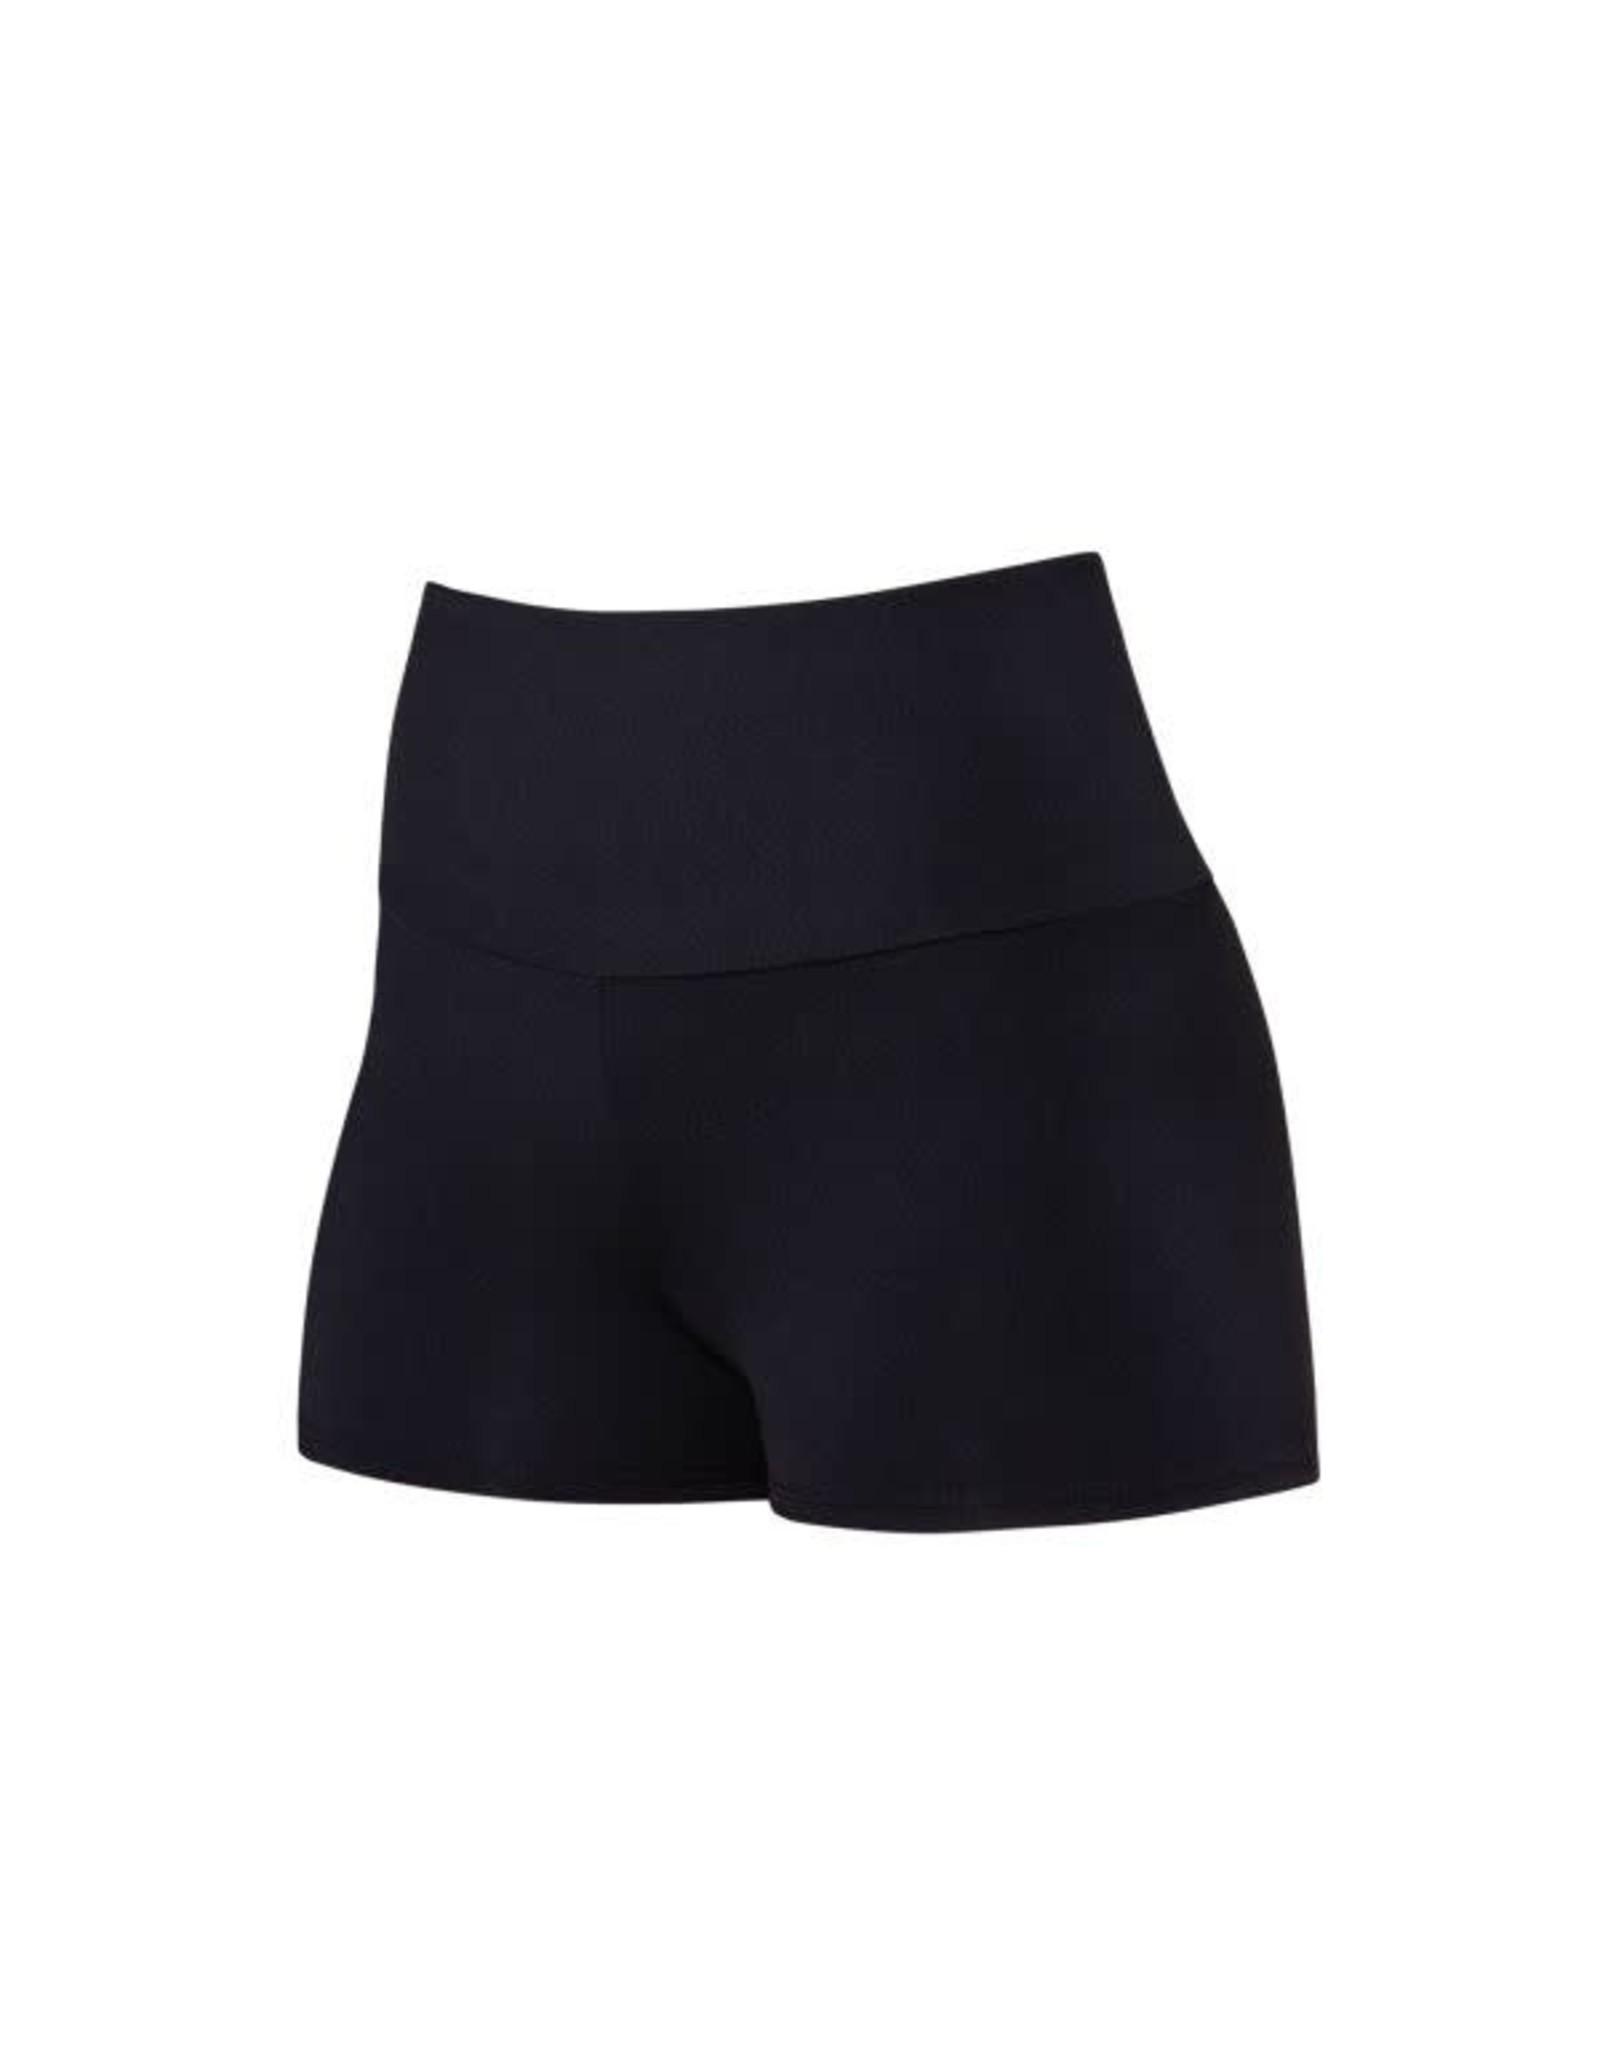 Energetiks Energetiks clea black shorts Short